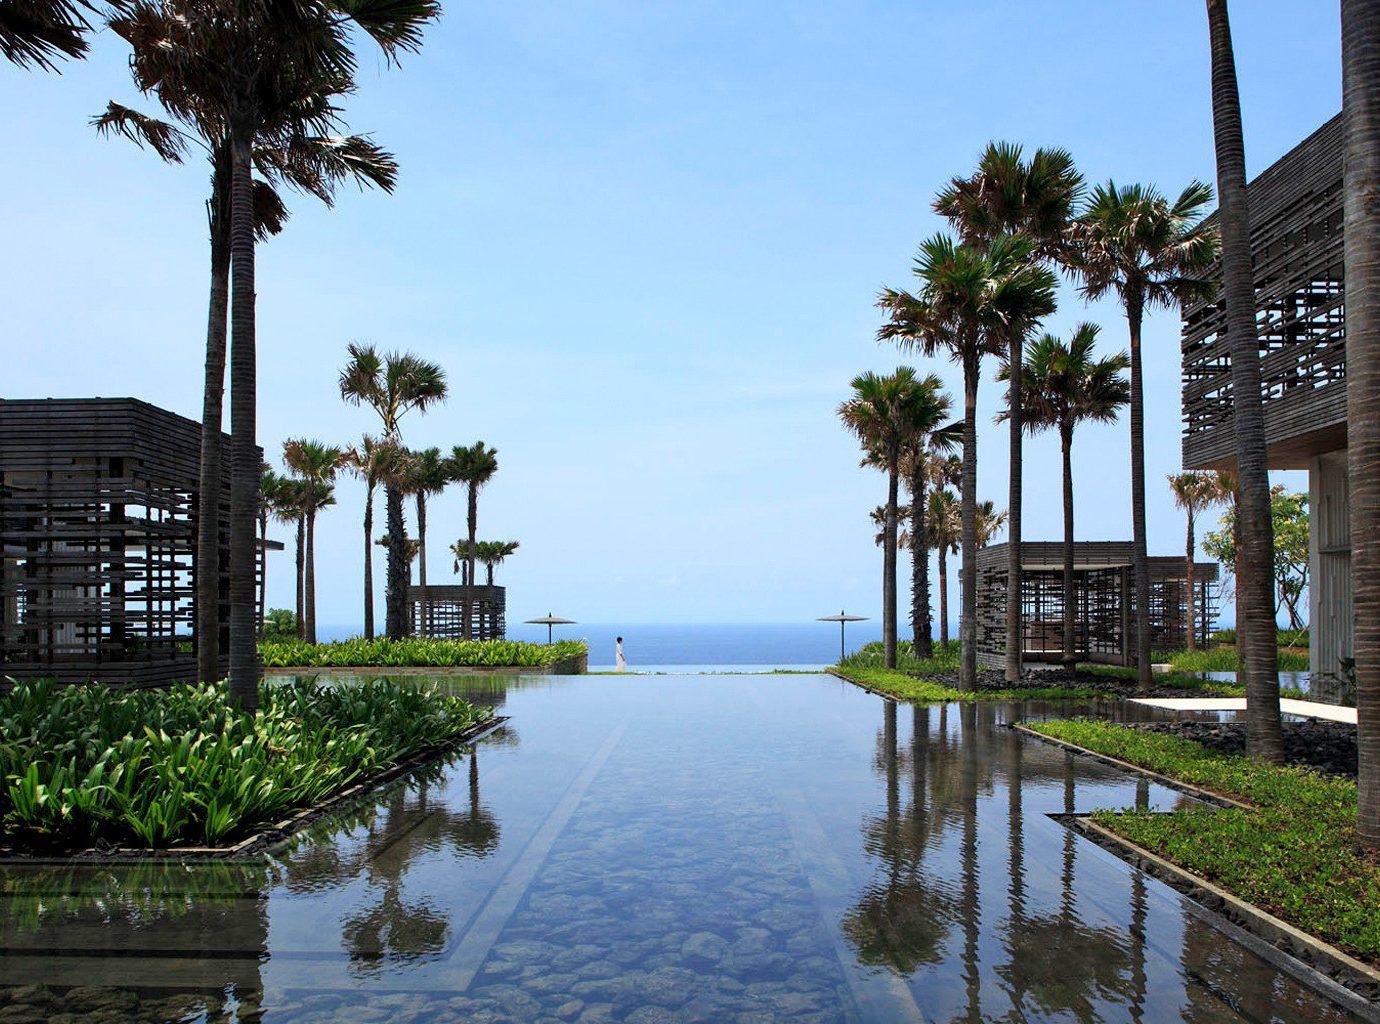 Eco Luxury Modern Pool Scenic views Waterfront sky tree water walkway arecales waterway Resort plant traveling